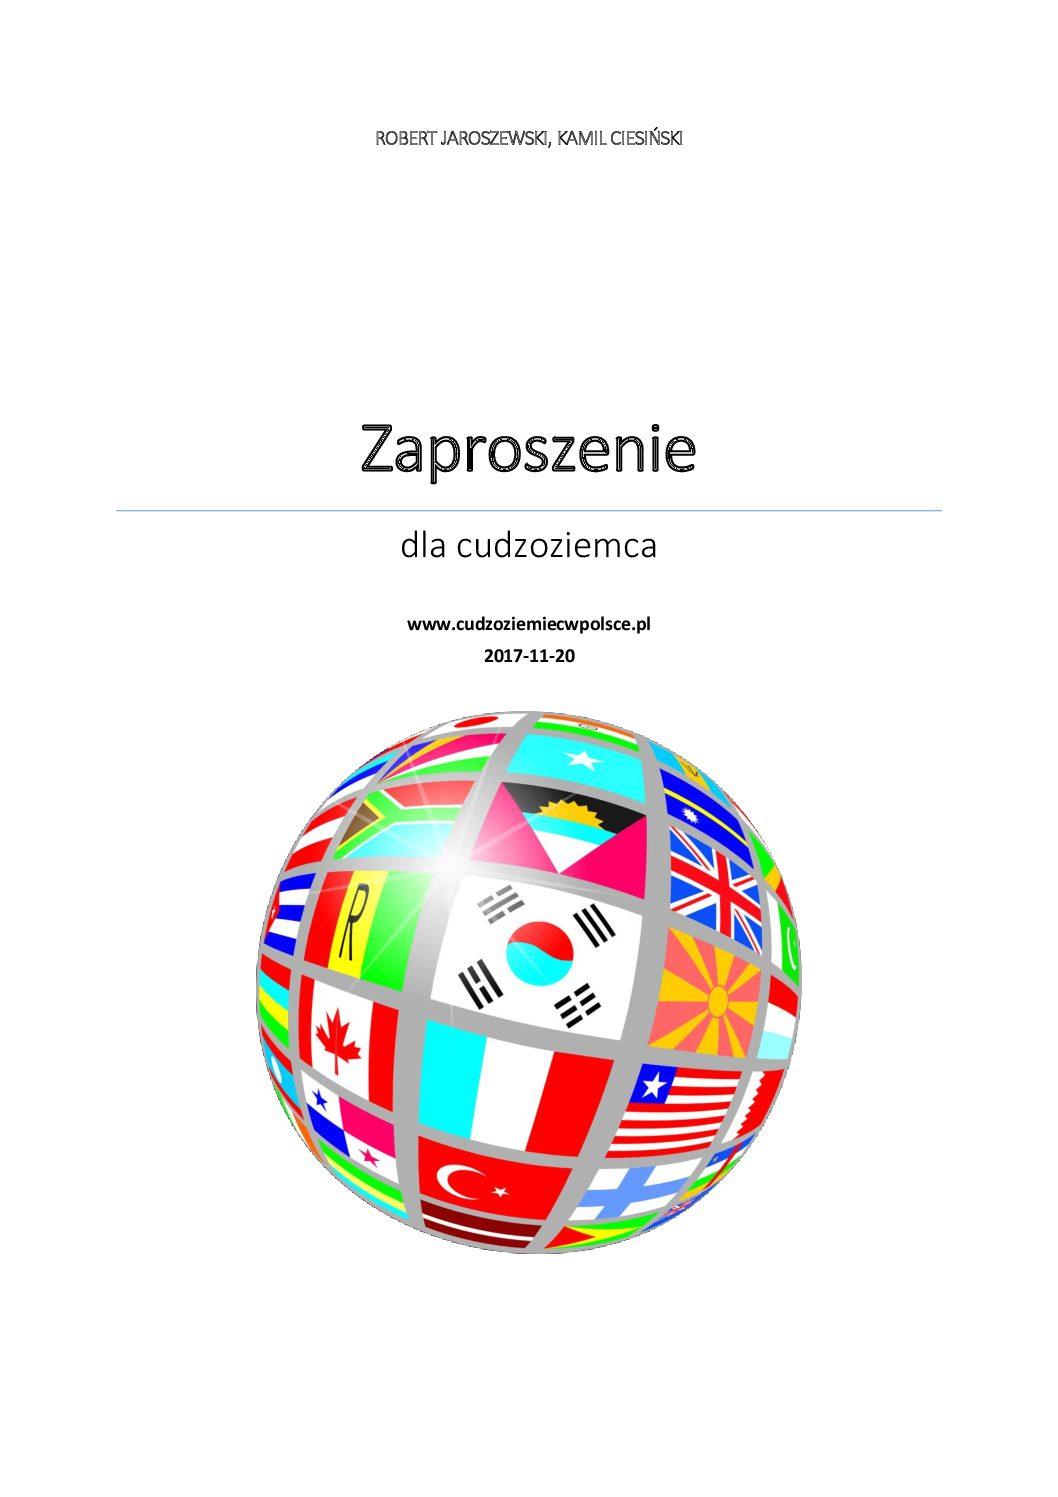 Zaproszenie Dla Cudzoziemca Nowy Wzór Cudzoziemiec W Polsce